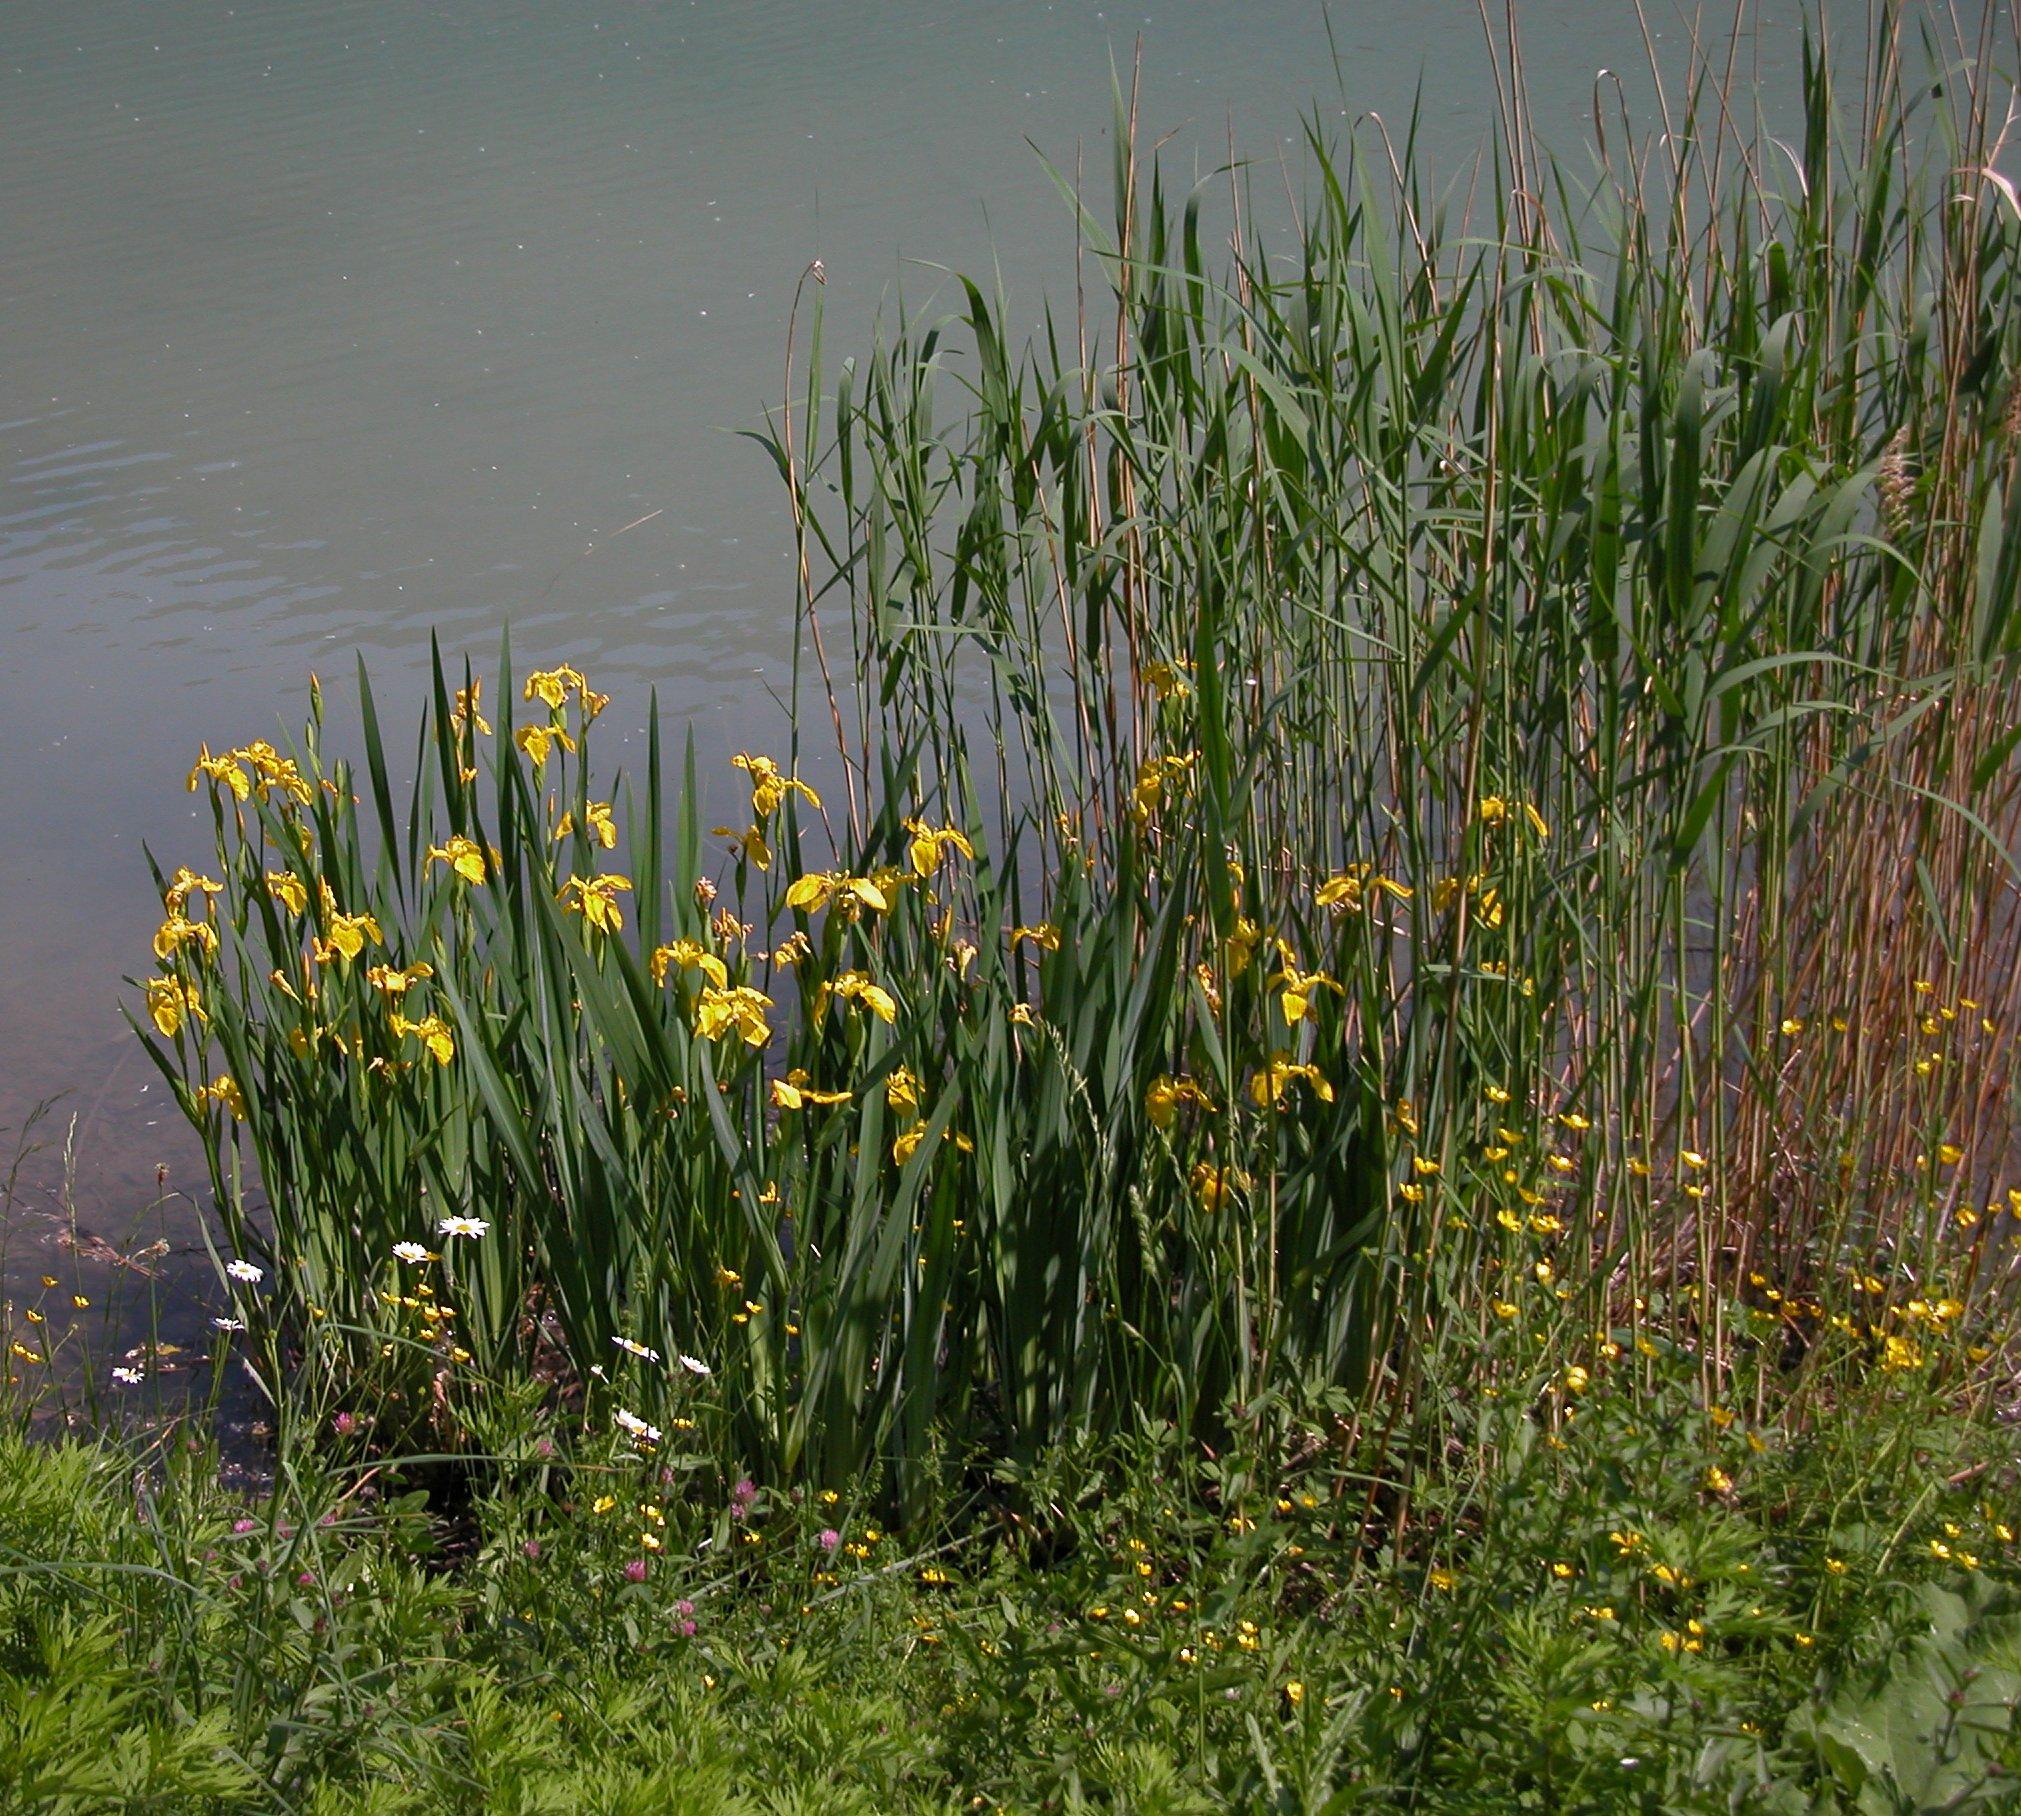 © Dipartimento di Scienze della Vita, Università degli Studi di Trieste<br>by Andrea Moro<br>Comune di Trasaghis, località Alesso, rive del Lago di Cavazzo., UD, FVG, Italia, 21/5/05 0.00.00<br>Distributed under CC-BY-SA 4.0 license.